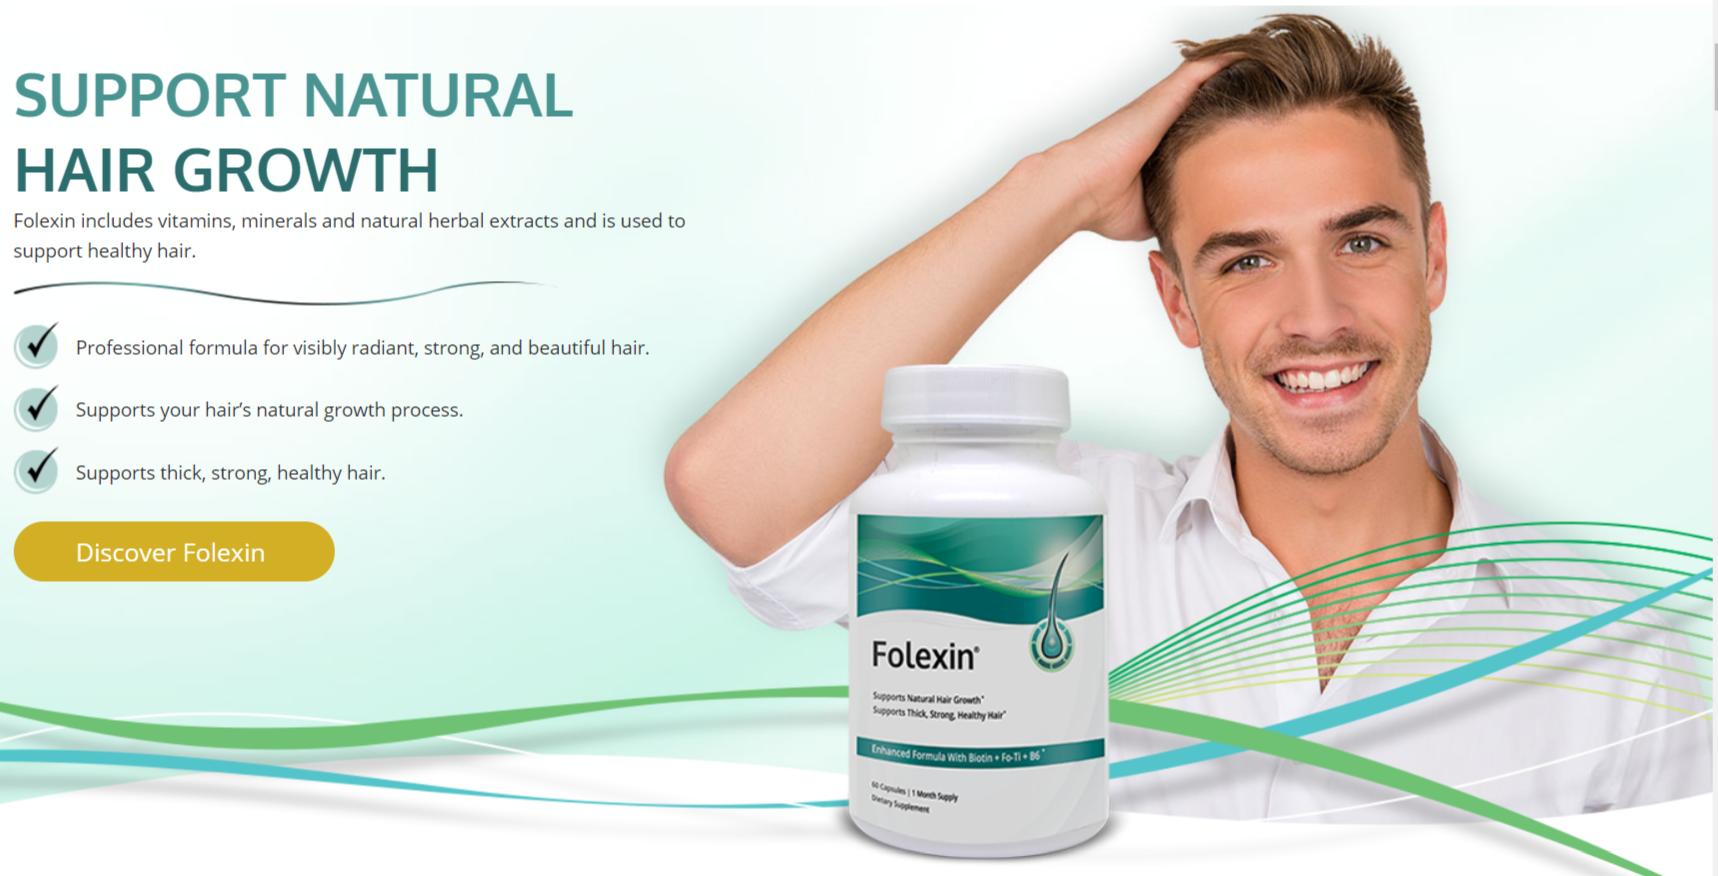 Folexin Natural Hair Growth Reviews